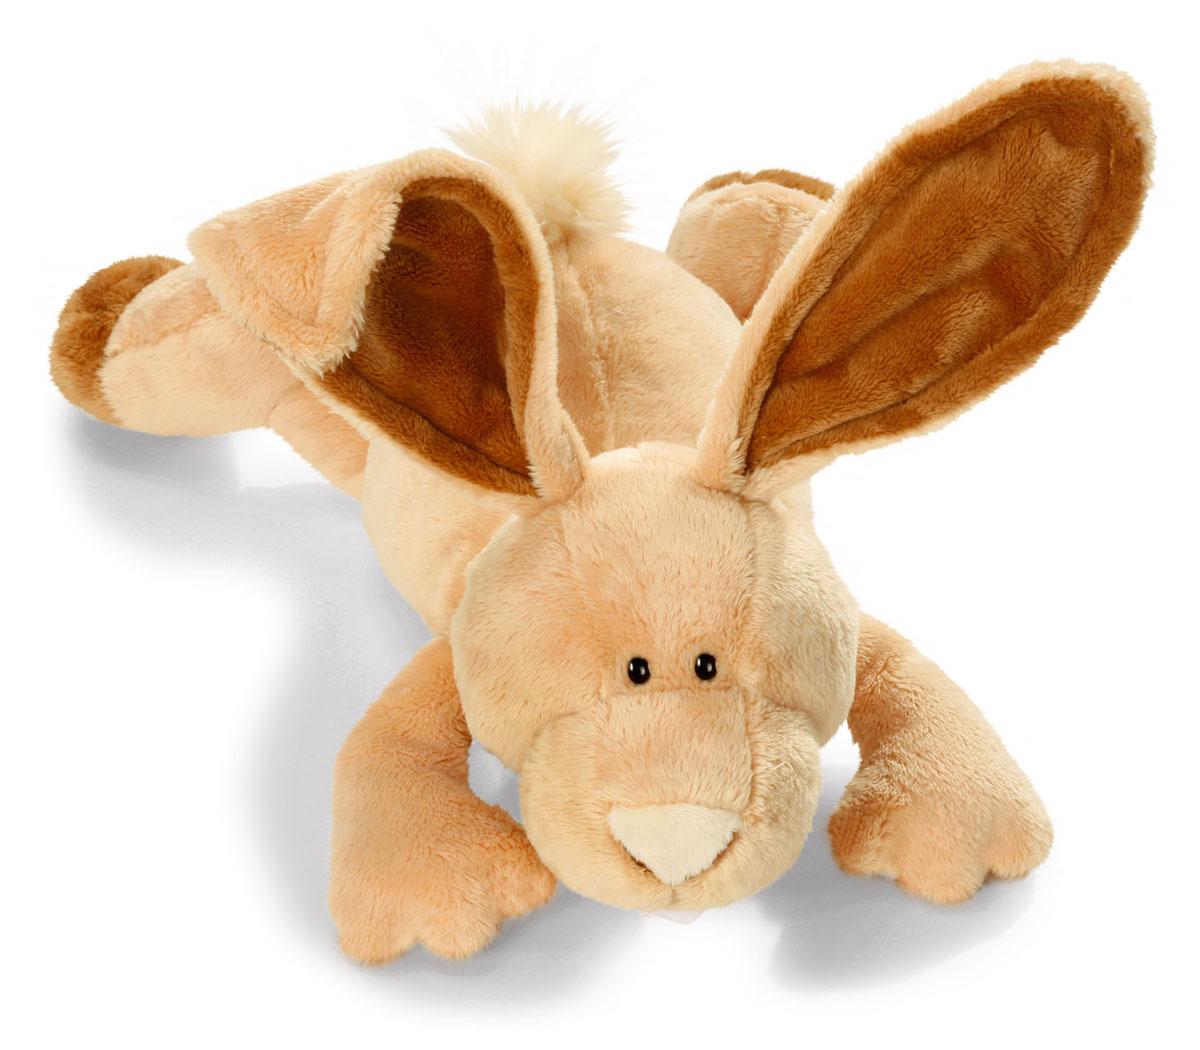 Мягкая игрушка Nici Кролик Ральф, лежачая, 30 см36515Мягкая игрушка Nici Кролик Ральф выполнена в виде симпатичного кролика. Удивительно мягкая игрушка изготовлена из высококачественного текстильного материала светло-коричневого цвета с набивкой из синтепона и пластиковых гранул. Глазки у кролика пластиковые. Игрушку легко можно положить на животик на ровную поверхность. Оригинальный стиль и великолепное качество исполнения делают эту игрушку чудесным подарком к любому празднику. Немецкая компания Nici является одним из лидеров на Европейском рынке мягких игрушек и подарков. Продукцию компании можно встретить везде: это и значок на школьном рюкзаке, и магнит на холодильнике, и поздравительная открытка, и мягкая игрушка, и автомобильный талисман. Игрушки Nici - это товары высочайшего качества и инновационного дизайна. Для создания всего одной игрушки работает большое количество людей и используется самое современное оборудование и технологии. И делается все это для того, чтобы добиться счастливых улыбок...